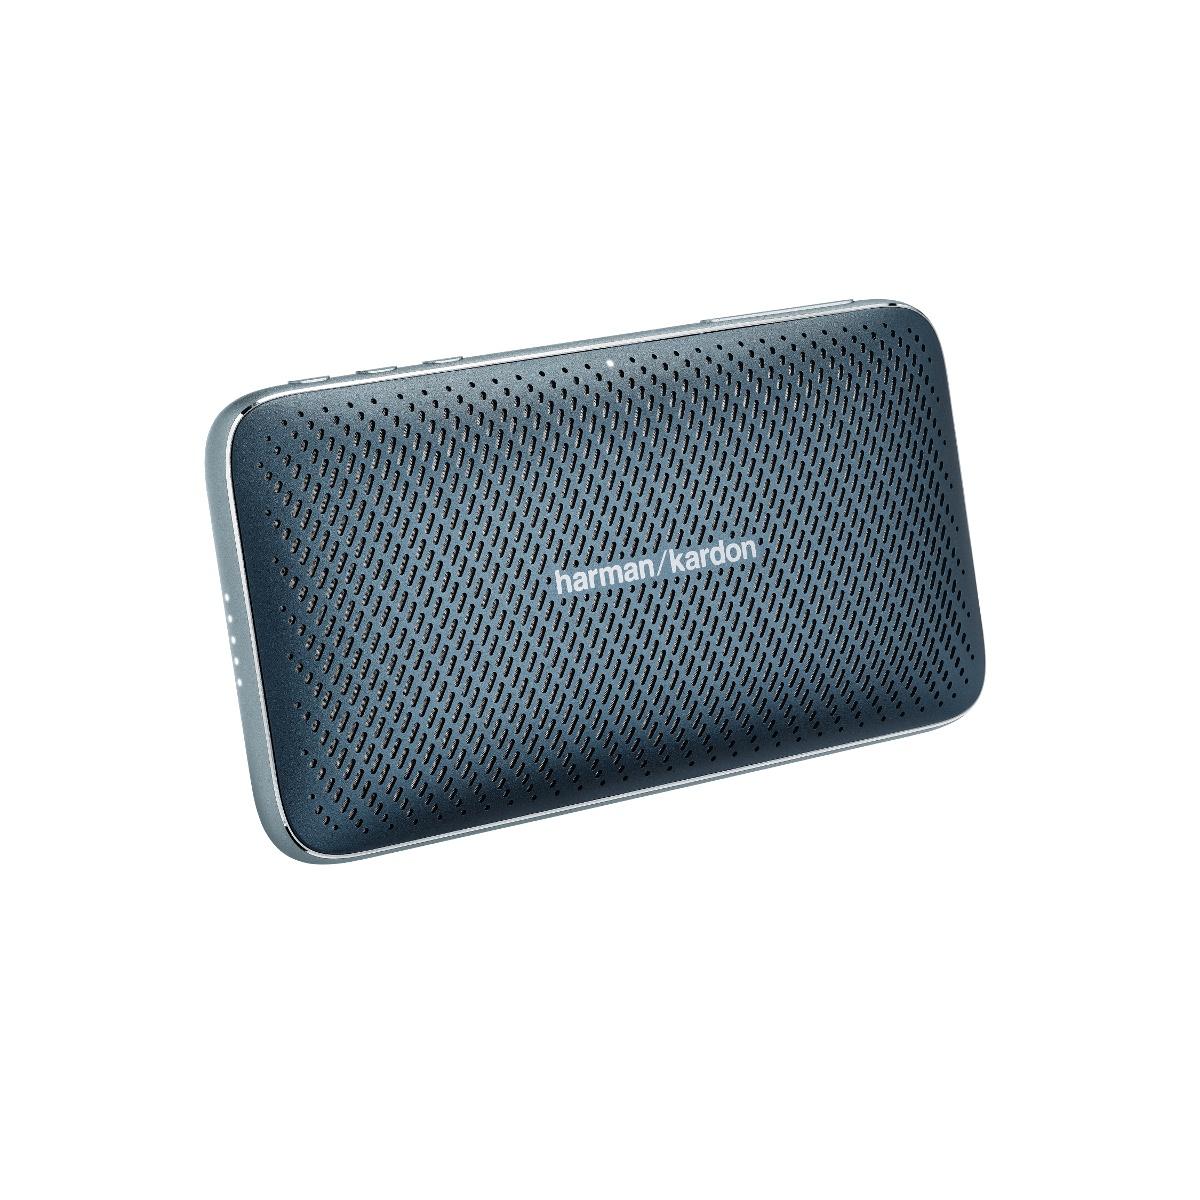 Беспроводная портативная акустическая система Harman/Kardon Esquire Mini 2 синяя (1/6)